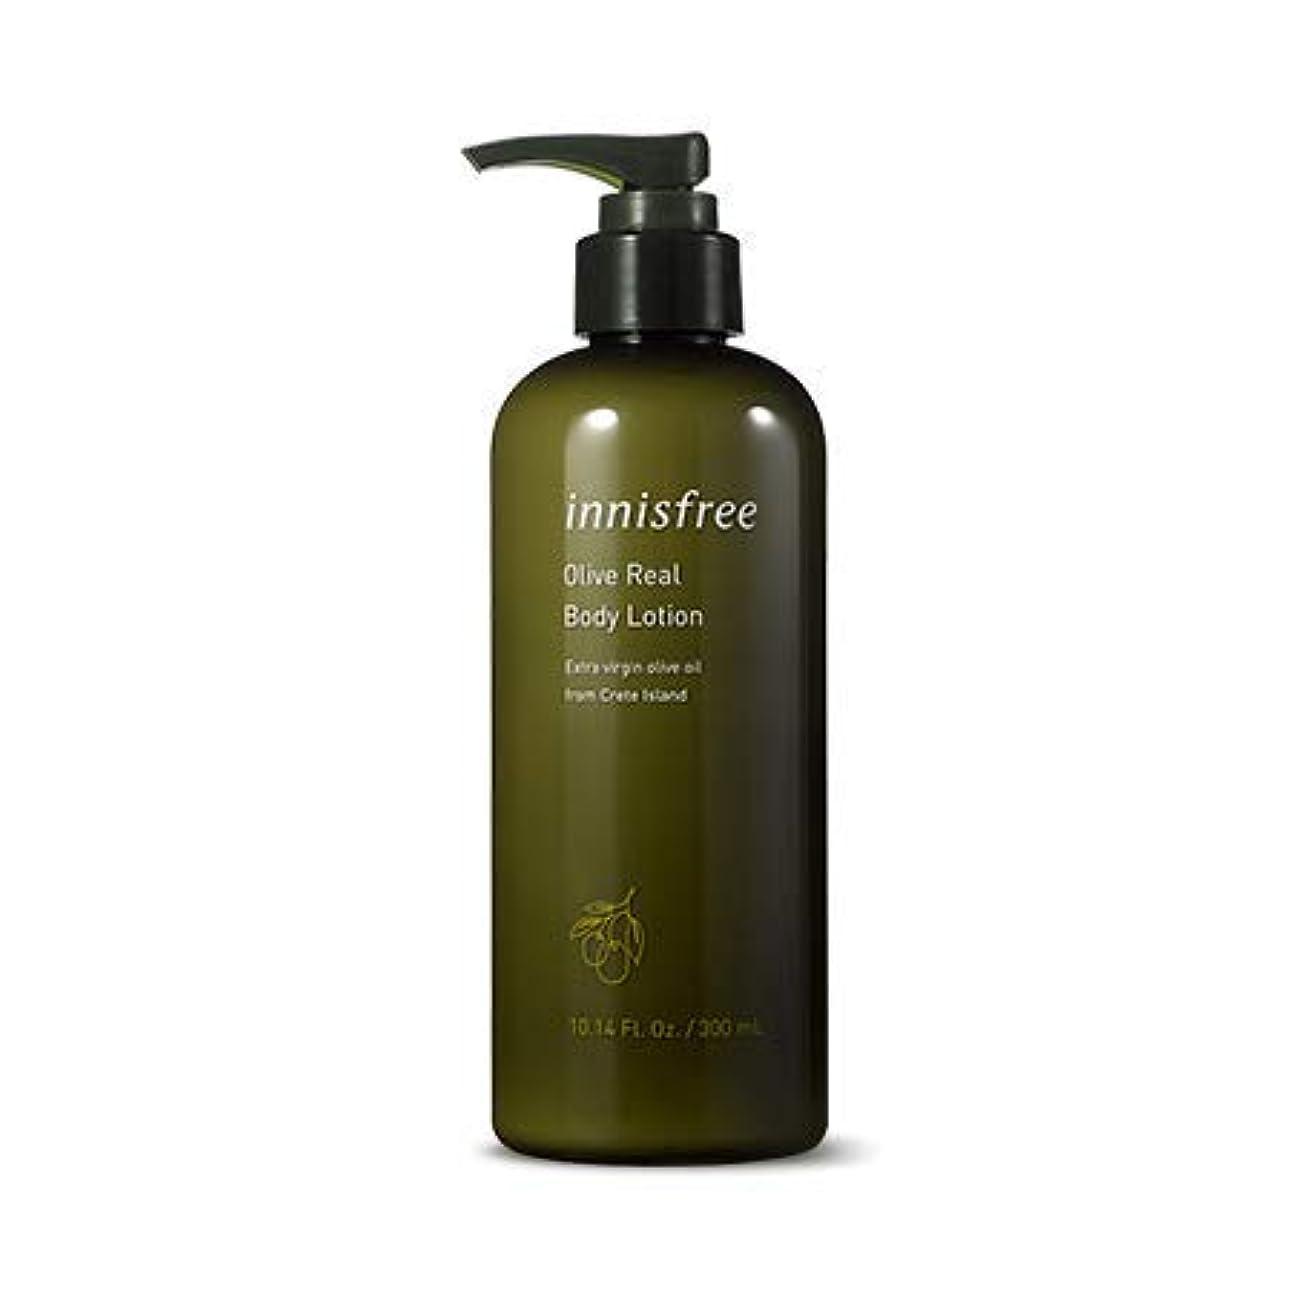 スコア高尚な準備する[イニスフリー.innisfree]オリーブリアルボディーローション300mL/ Olive Real Body Lotion_オリーブが含まれて深い保湿を伝えると保湿ボディローション